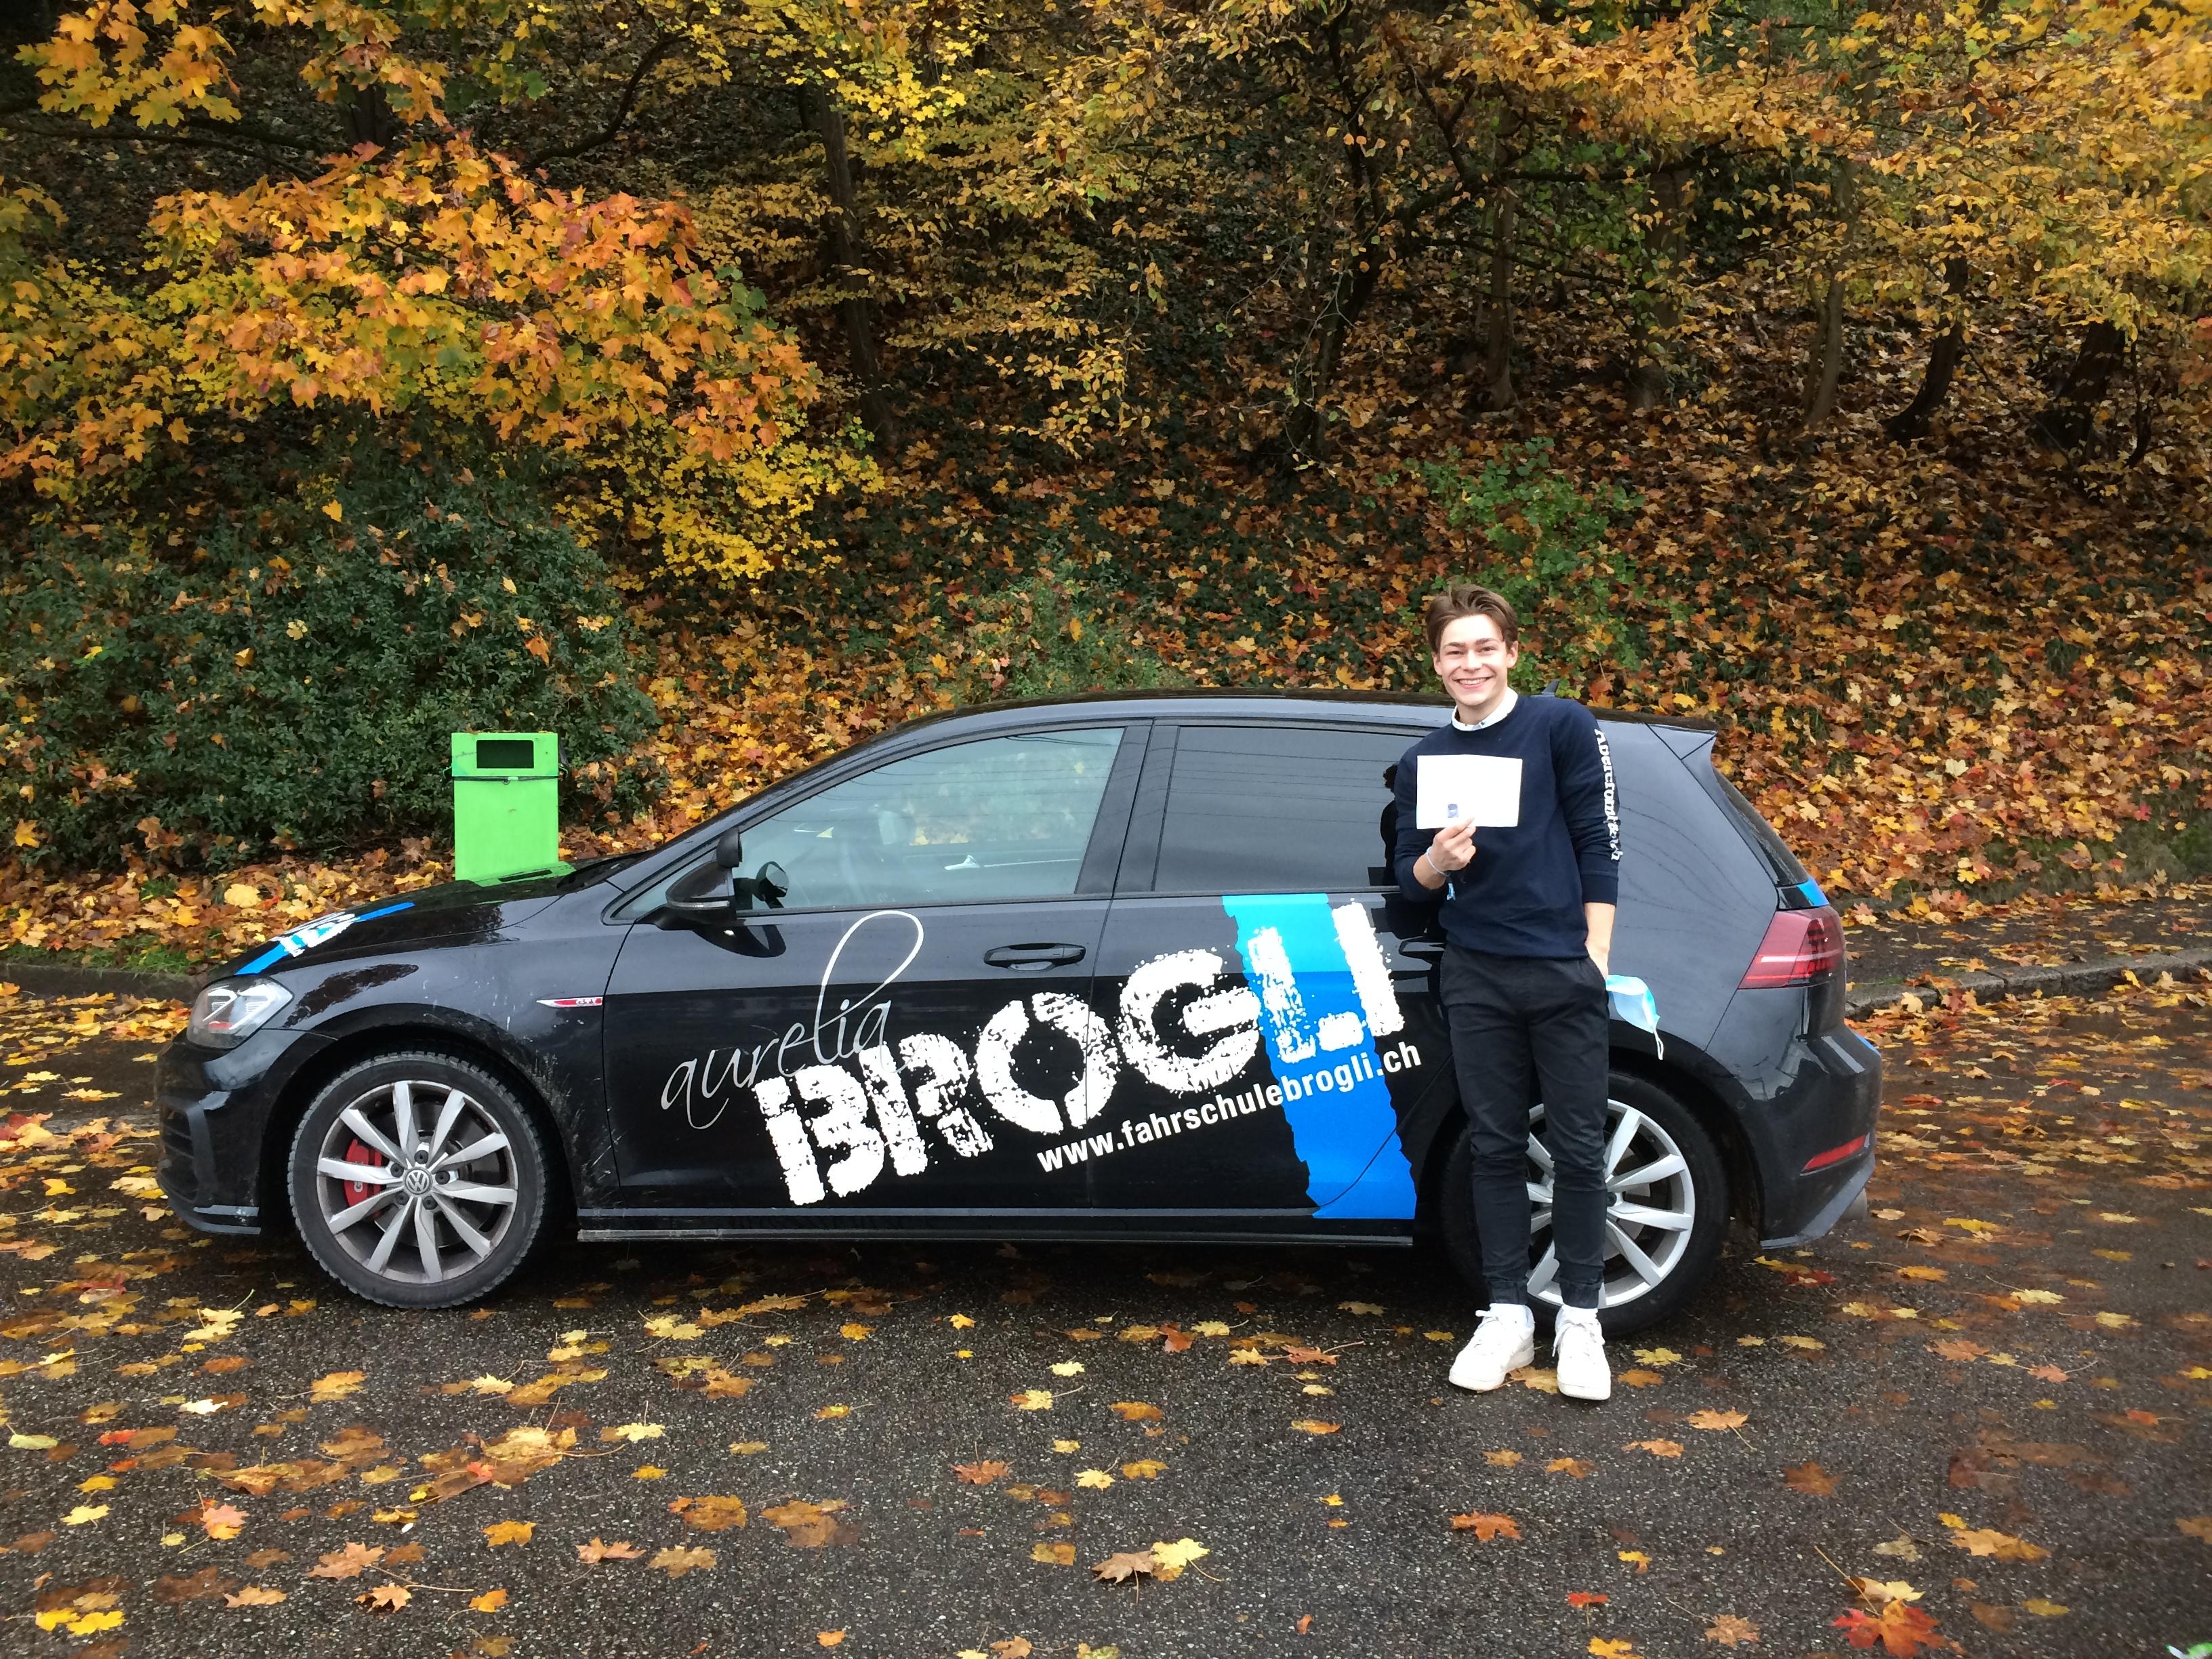 Fahrschule Brogli, Rheinfelde